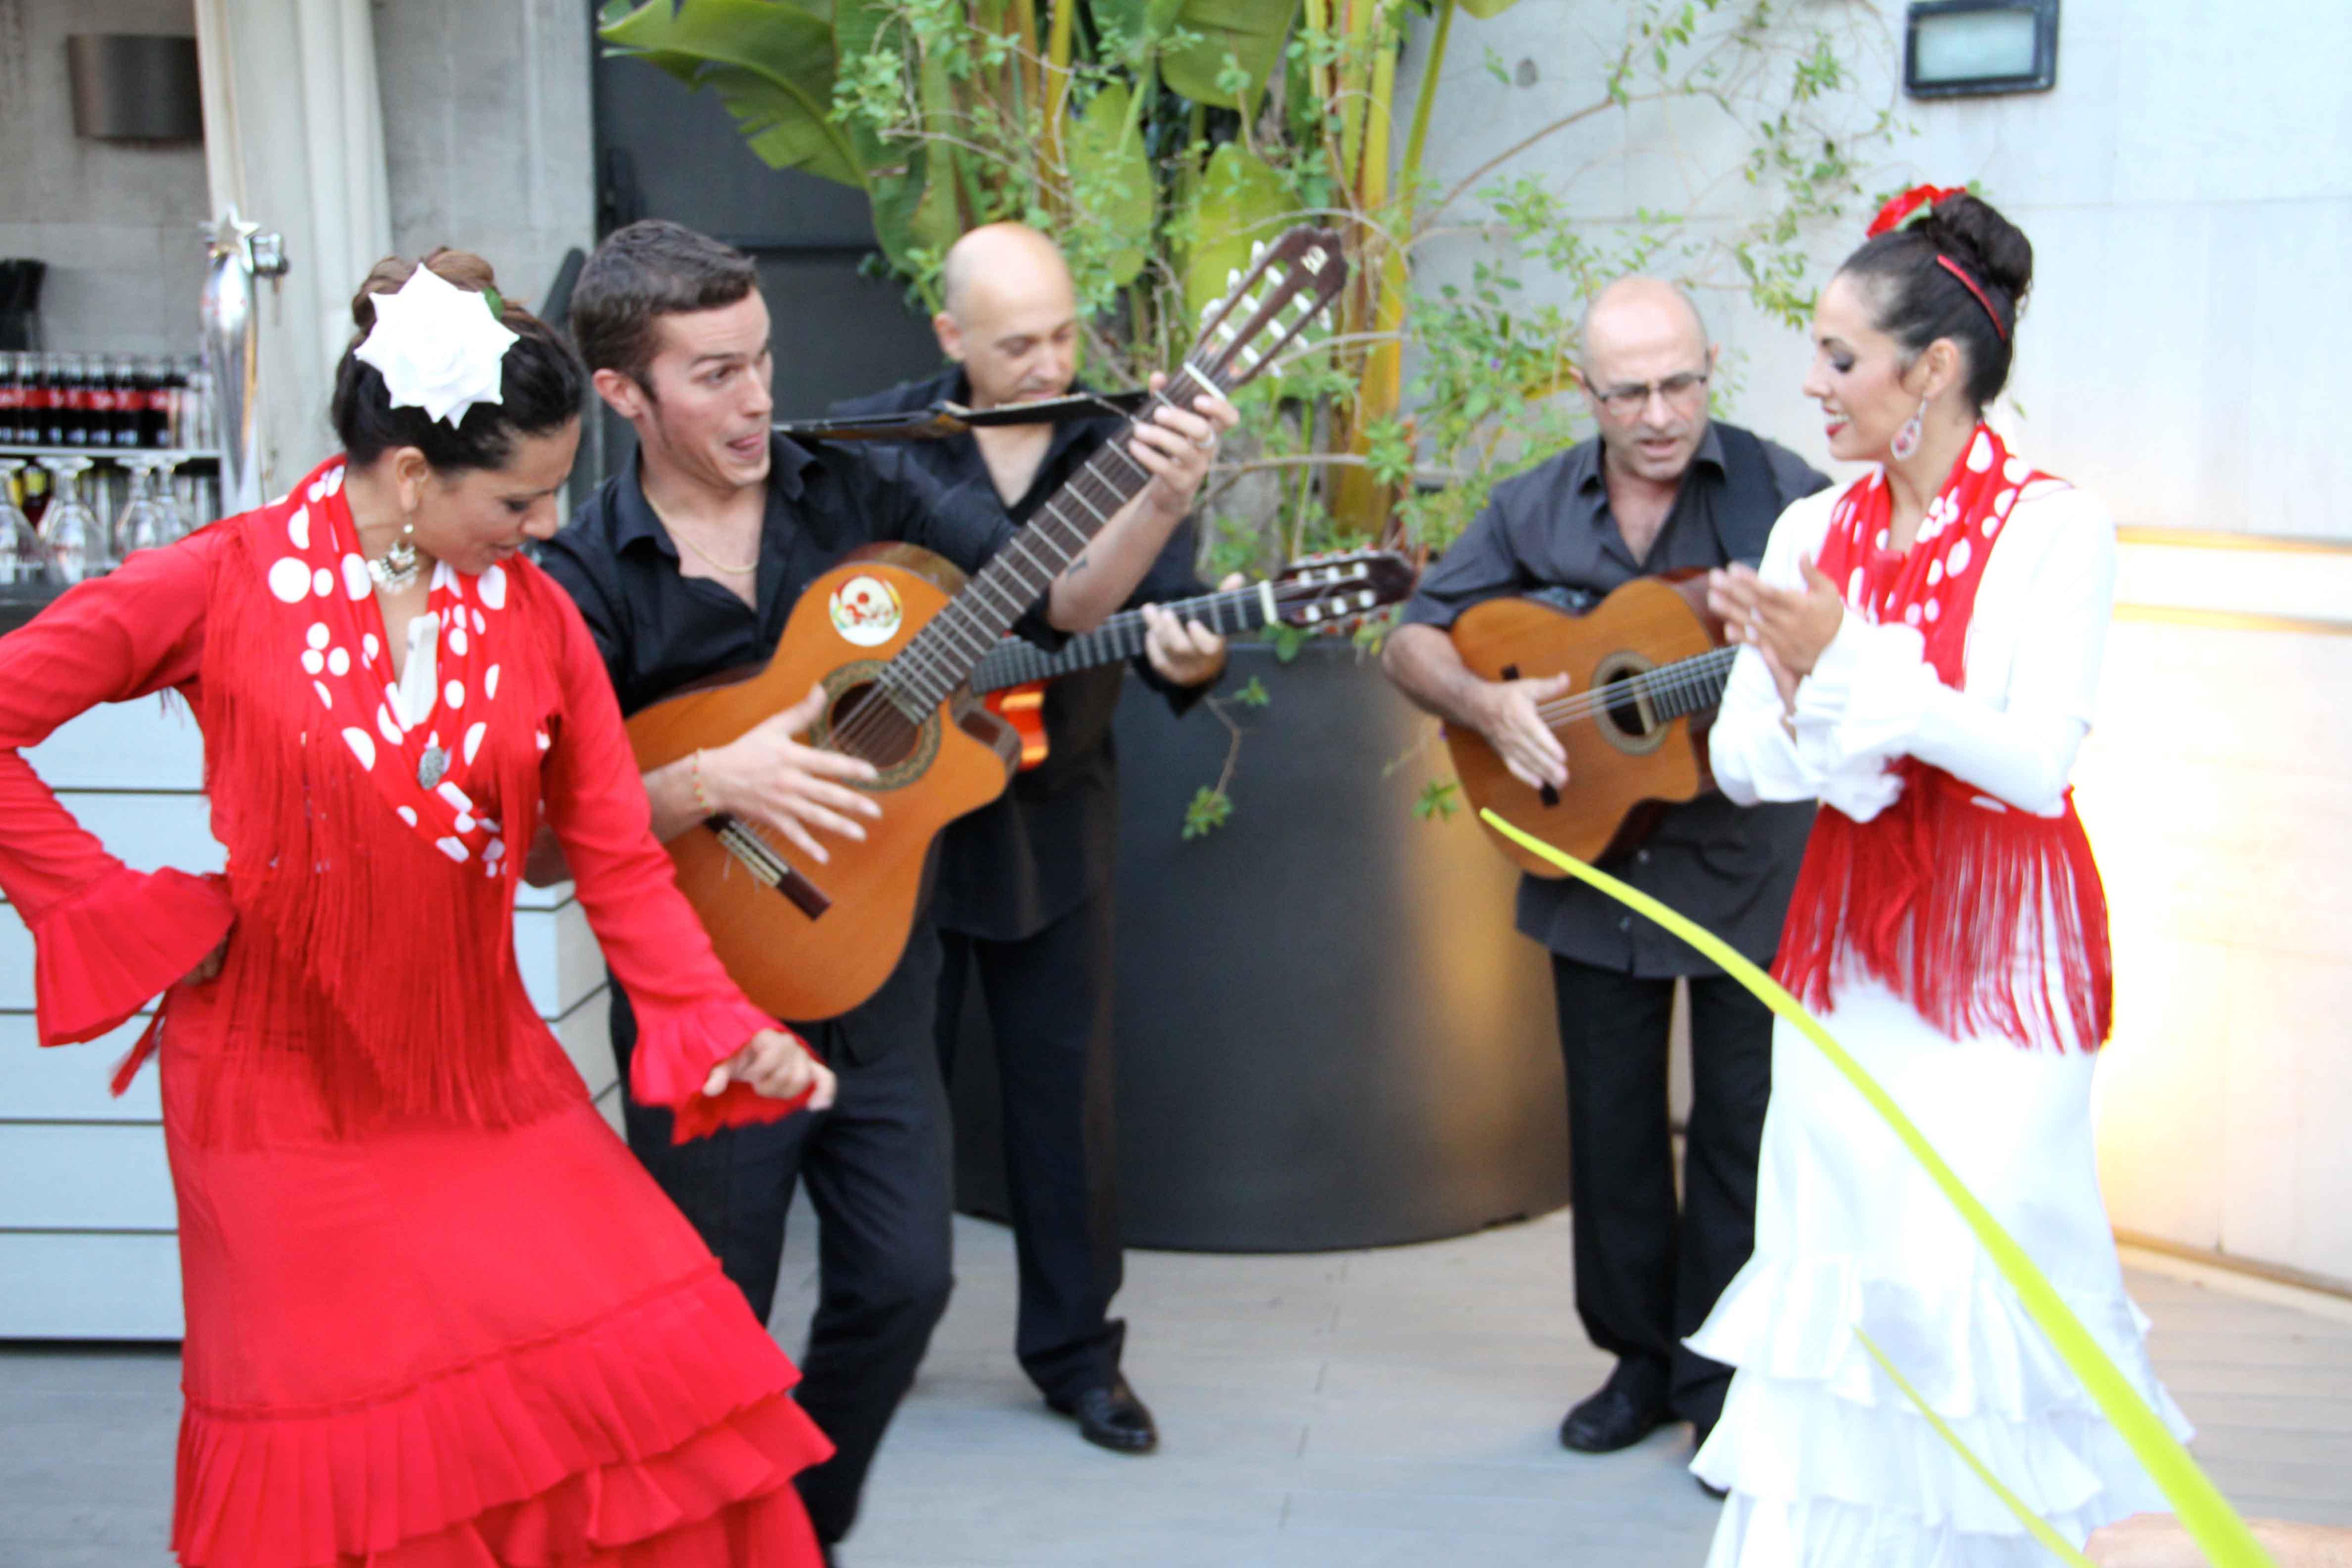 Artistas flamencos para fiesta típica española Eventos Barcelona